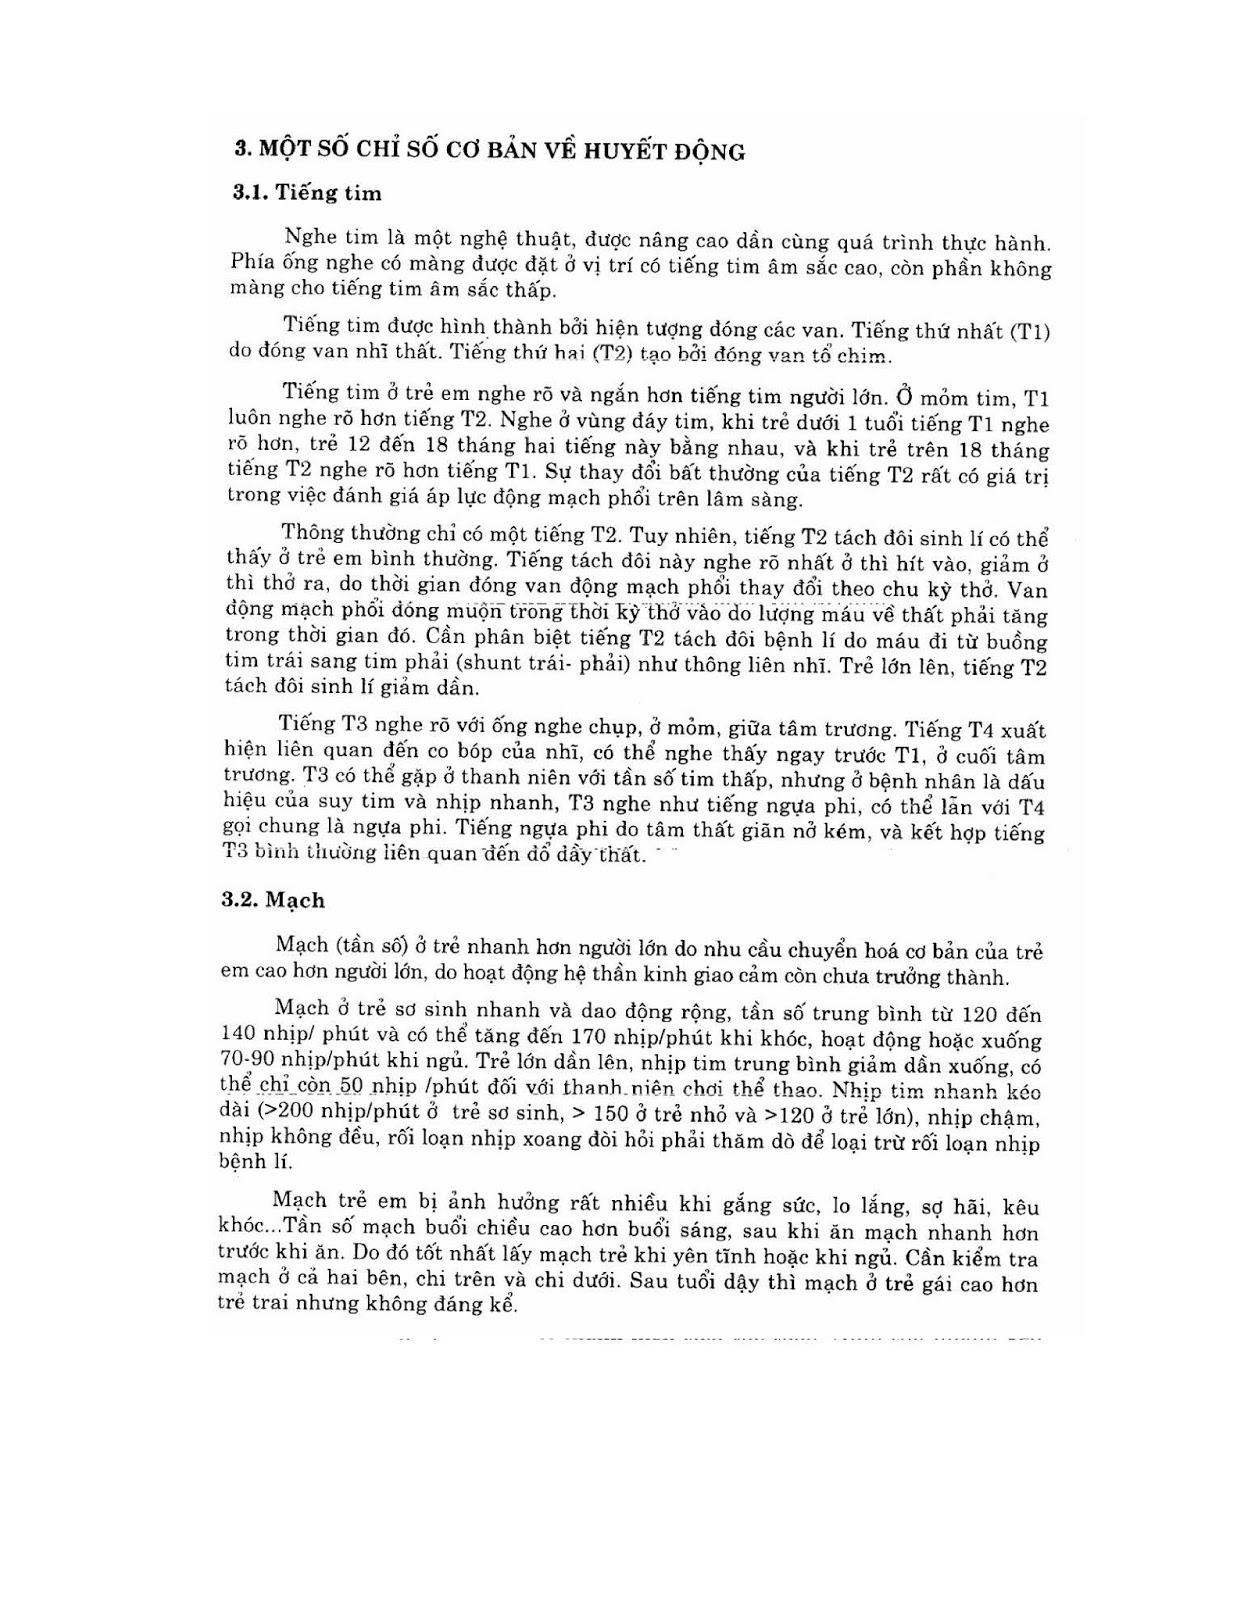 Trang 10 sach Bài giảng Nhi khoa - ĐH Y Hà Nội (Tập 2)